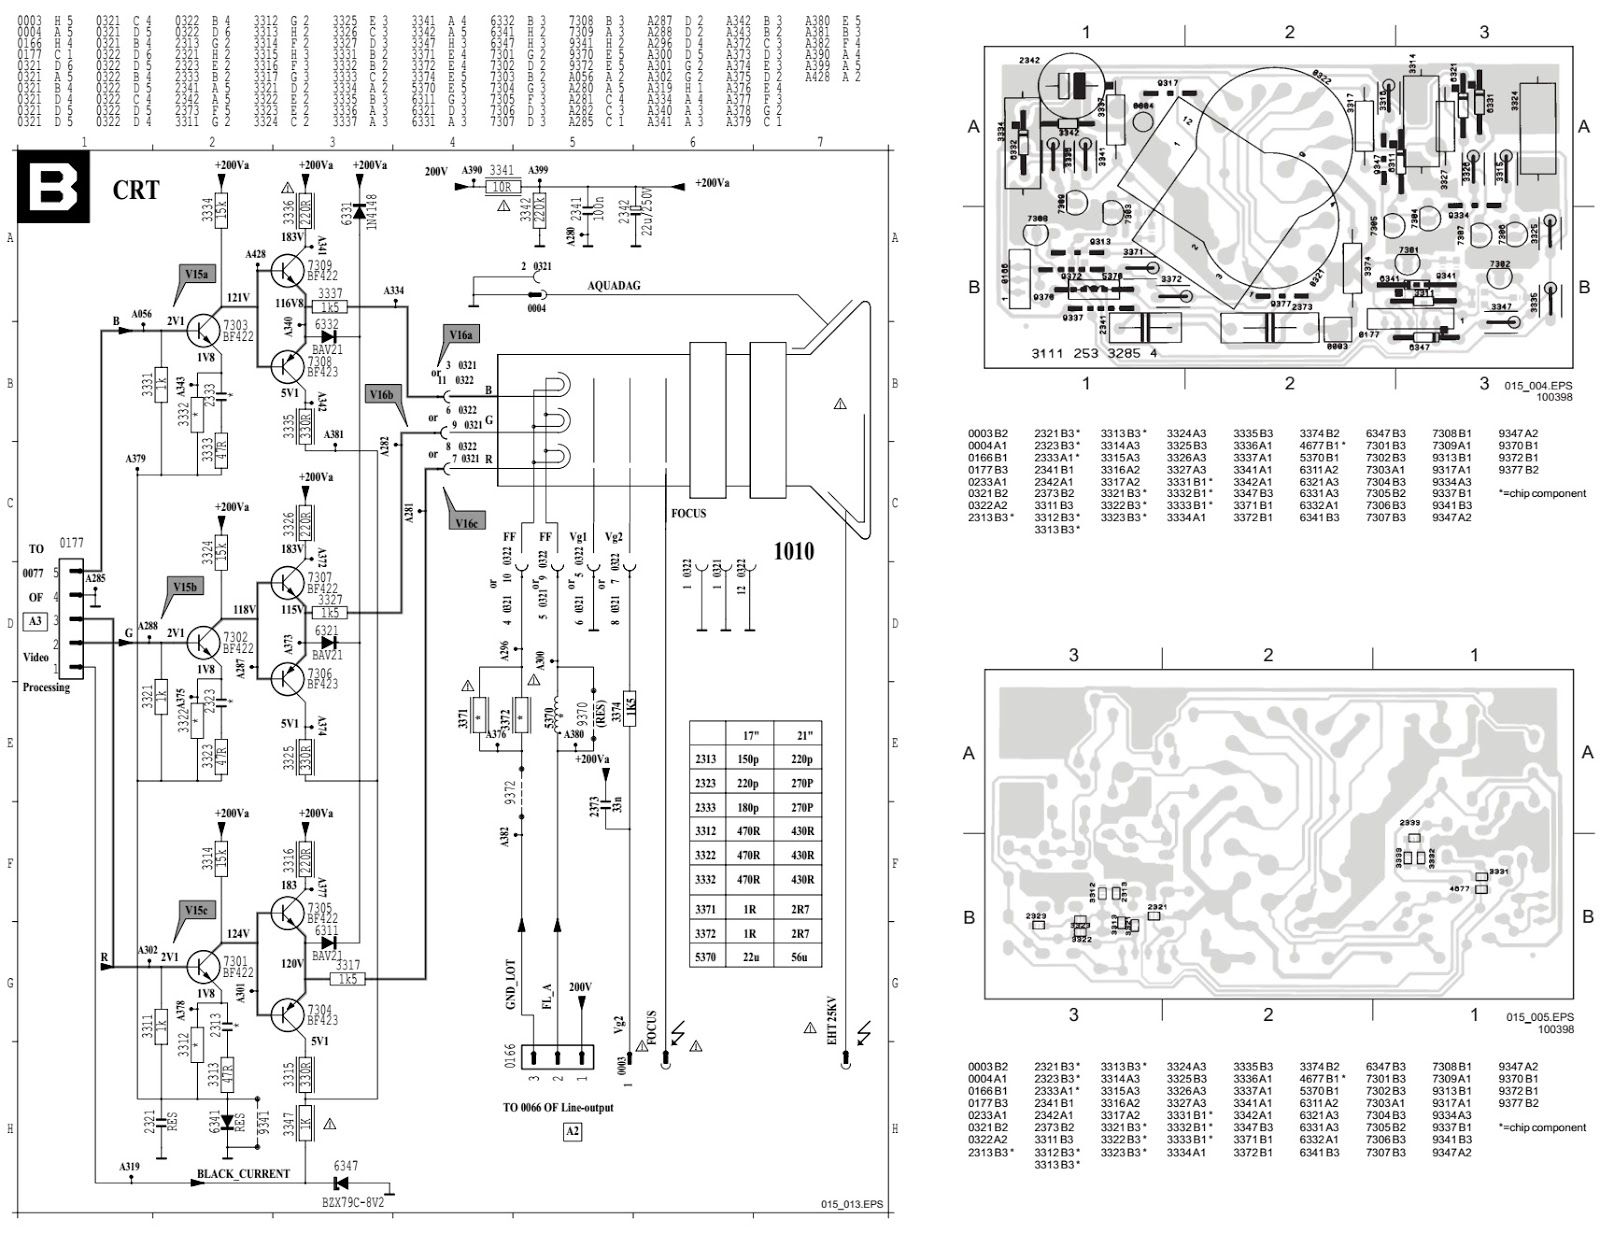 Schematic Diagrams Philips 21pt Crttv Circuit Diagram